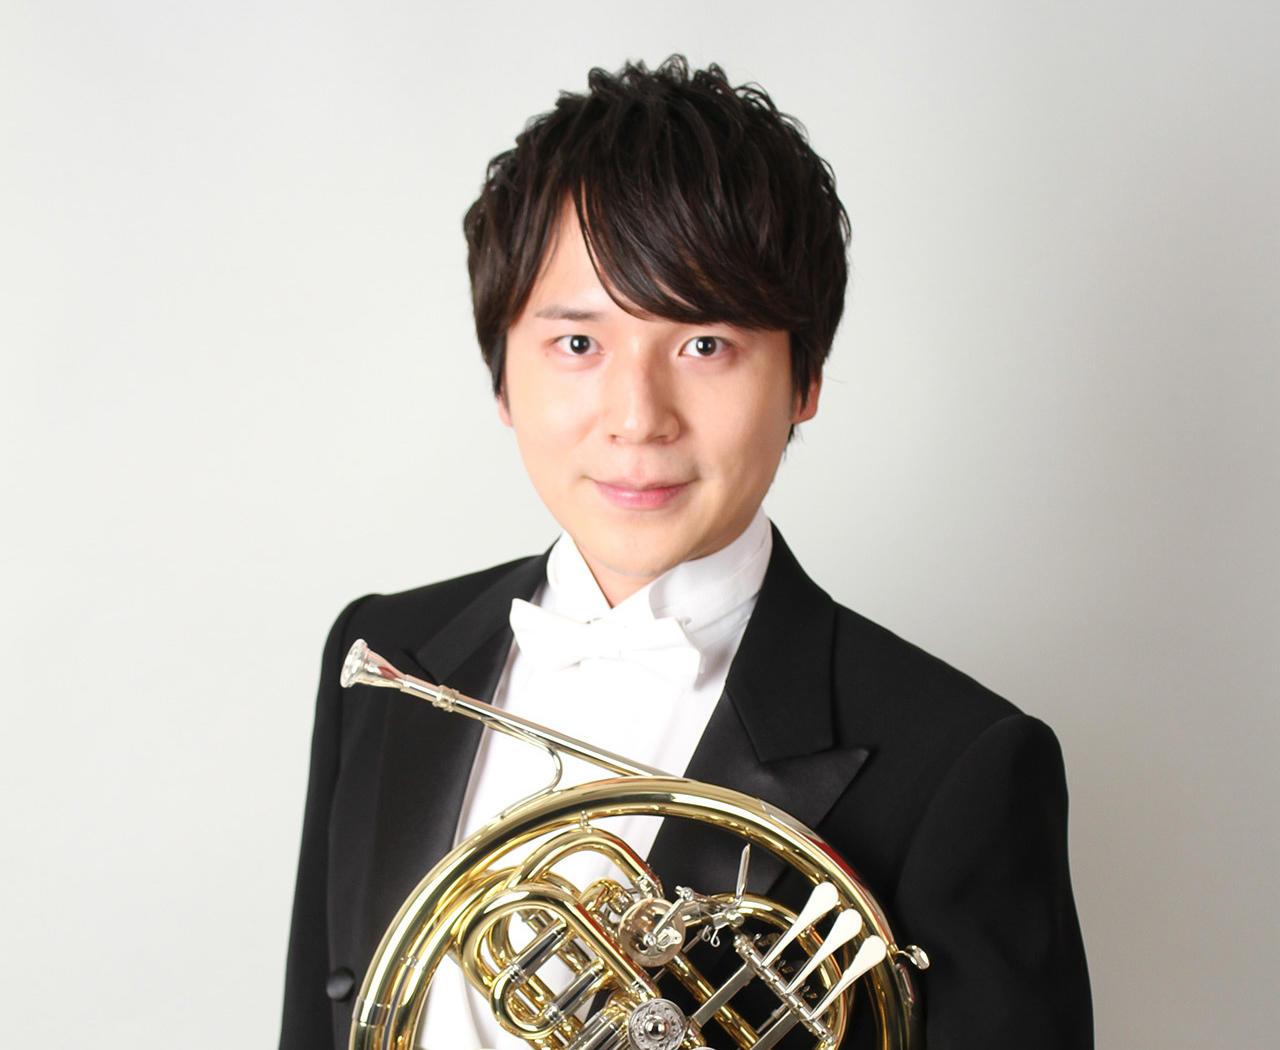 【卒業生の活躍】管弦打楽器学科およびディプロマ科卒業生の山下裕也さん(ホルン)がシエナ・ウインド・オーケストラに入団しました!